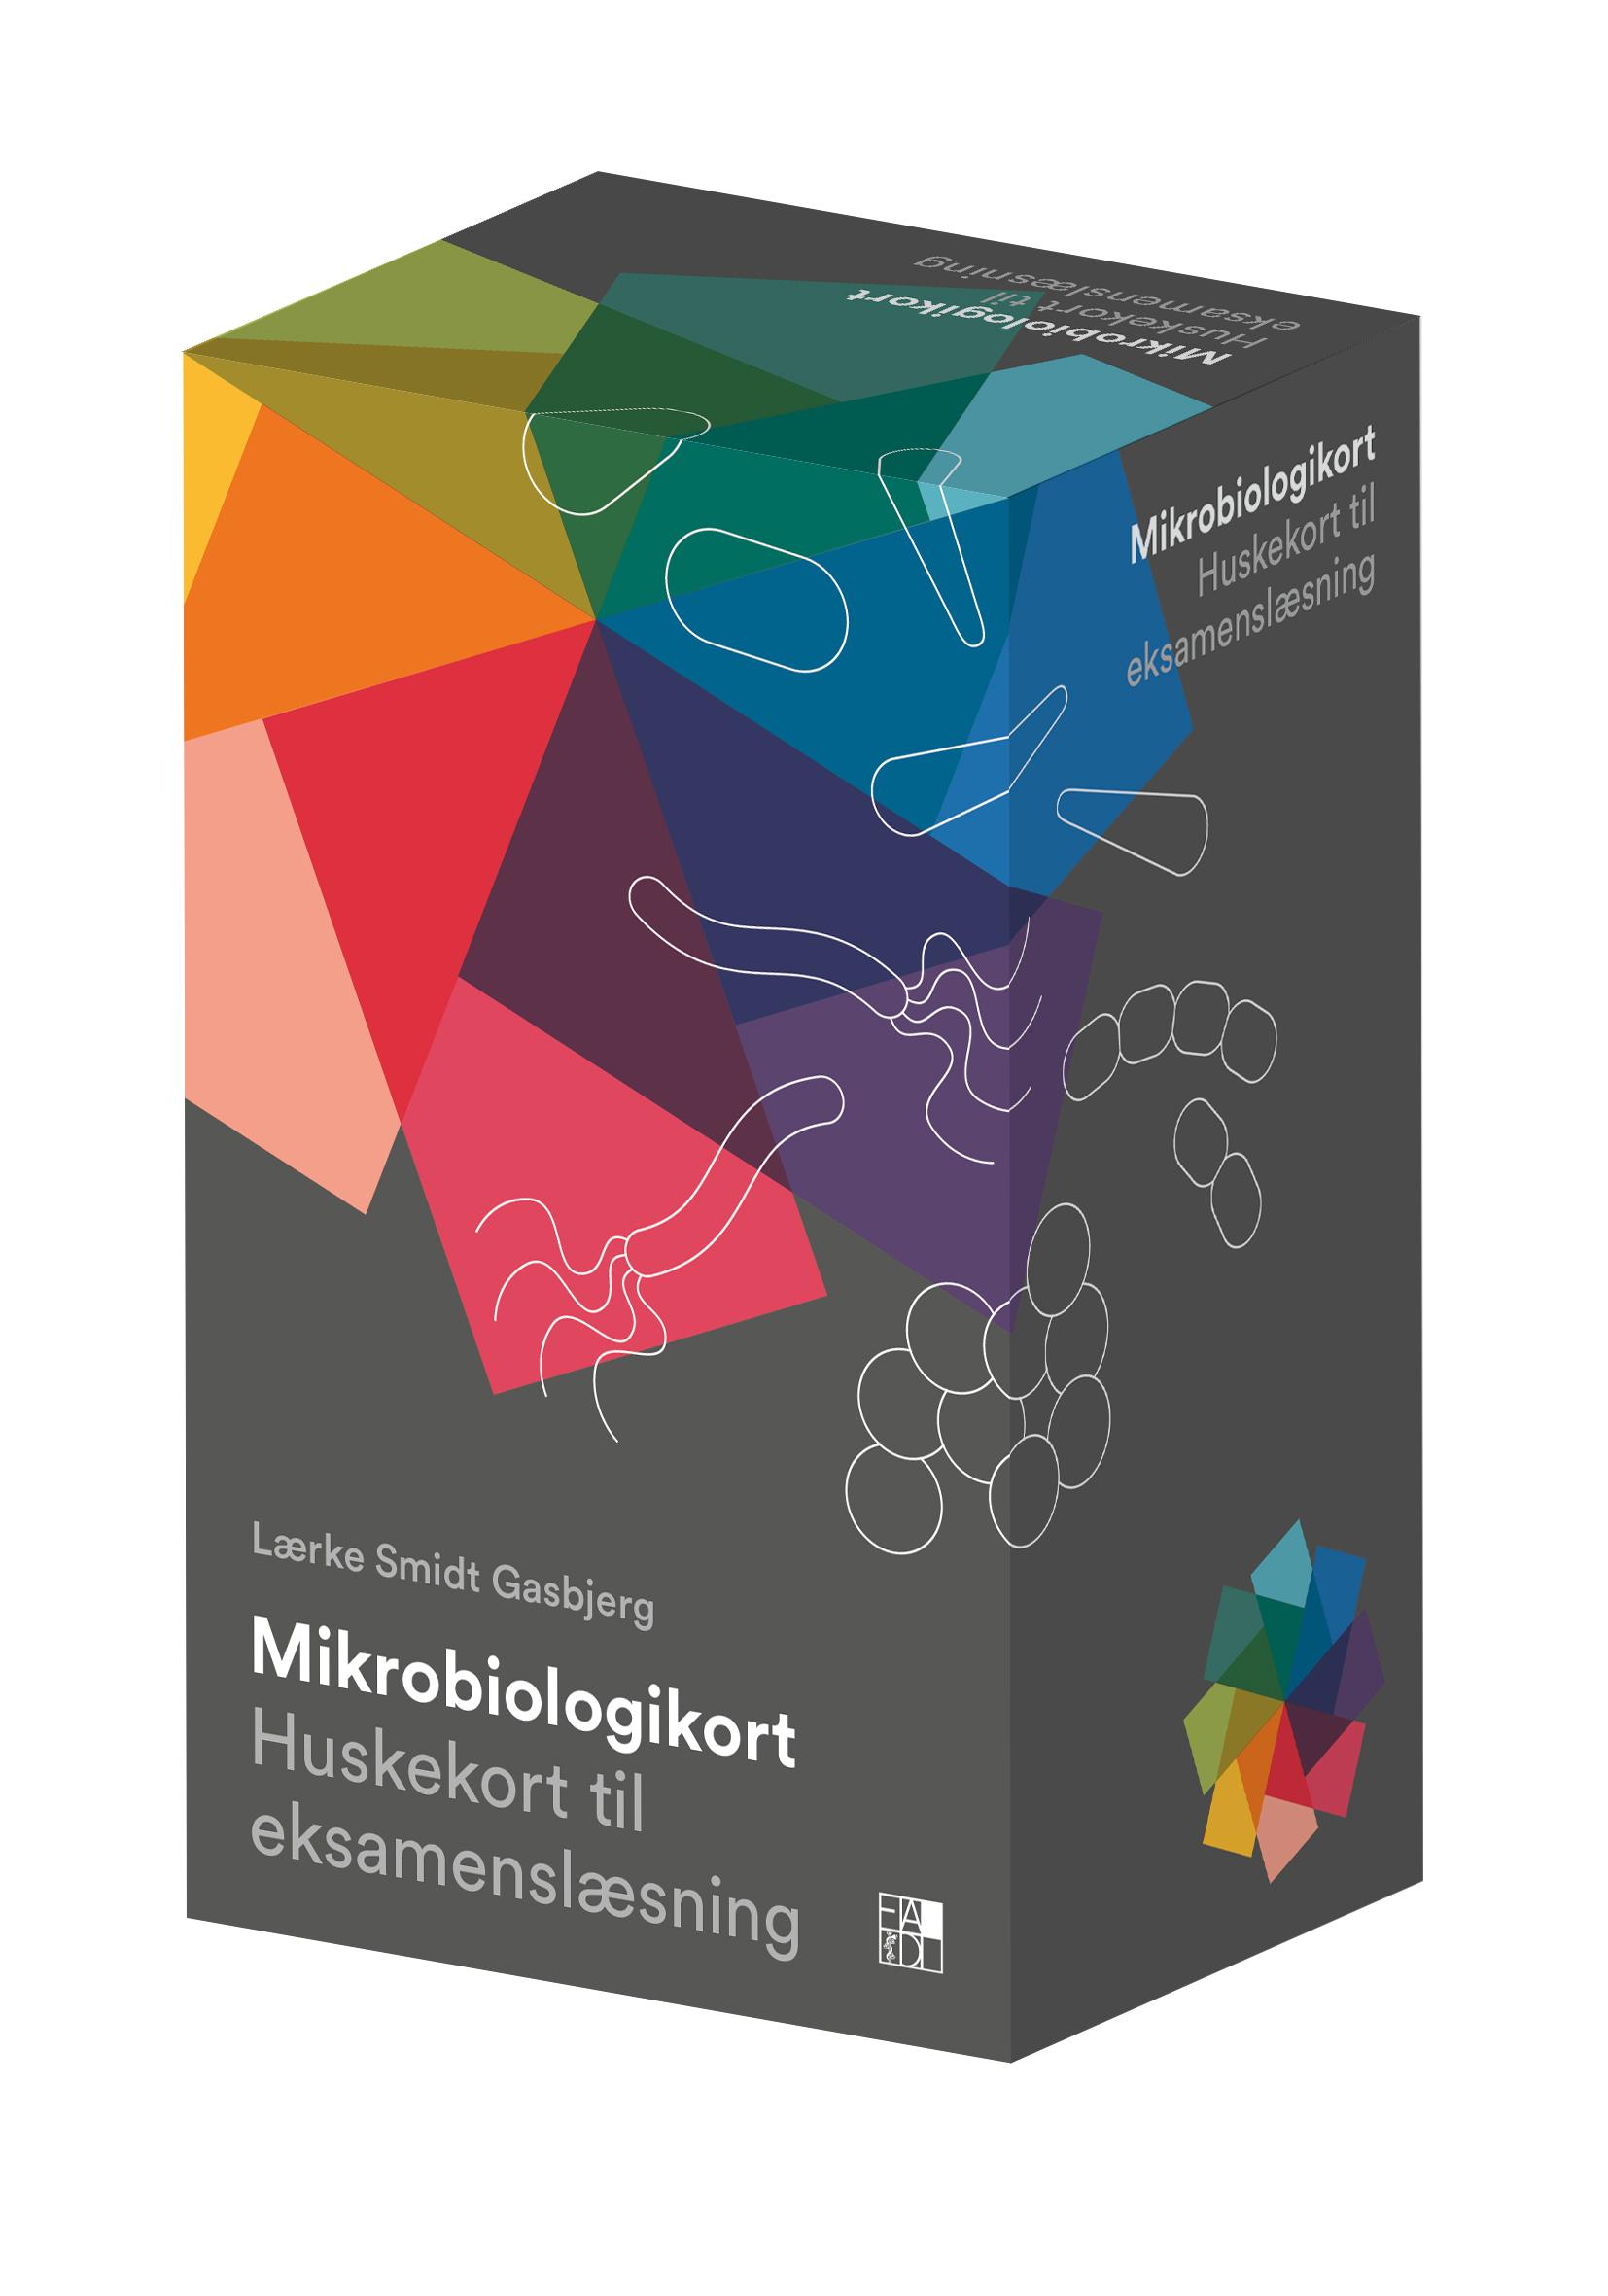 Mikrobiologikort